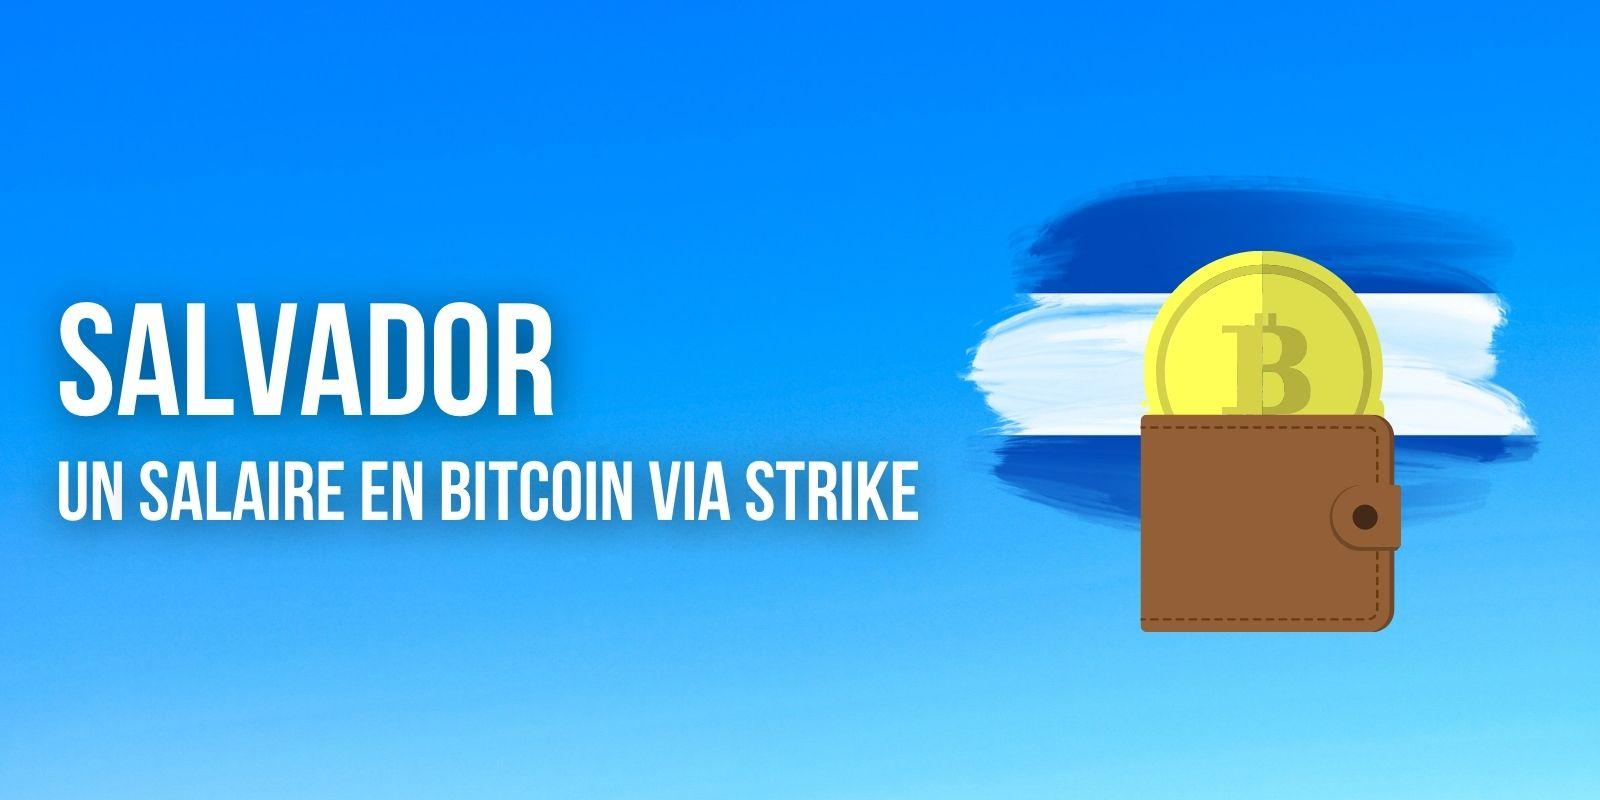 Les citoyens du Salvador peuvent désormais recevoir leur salaire en Bitcoin (BTC)